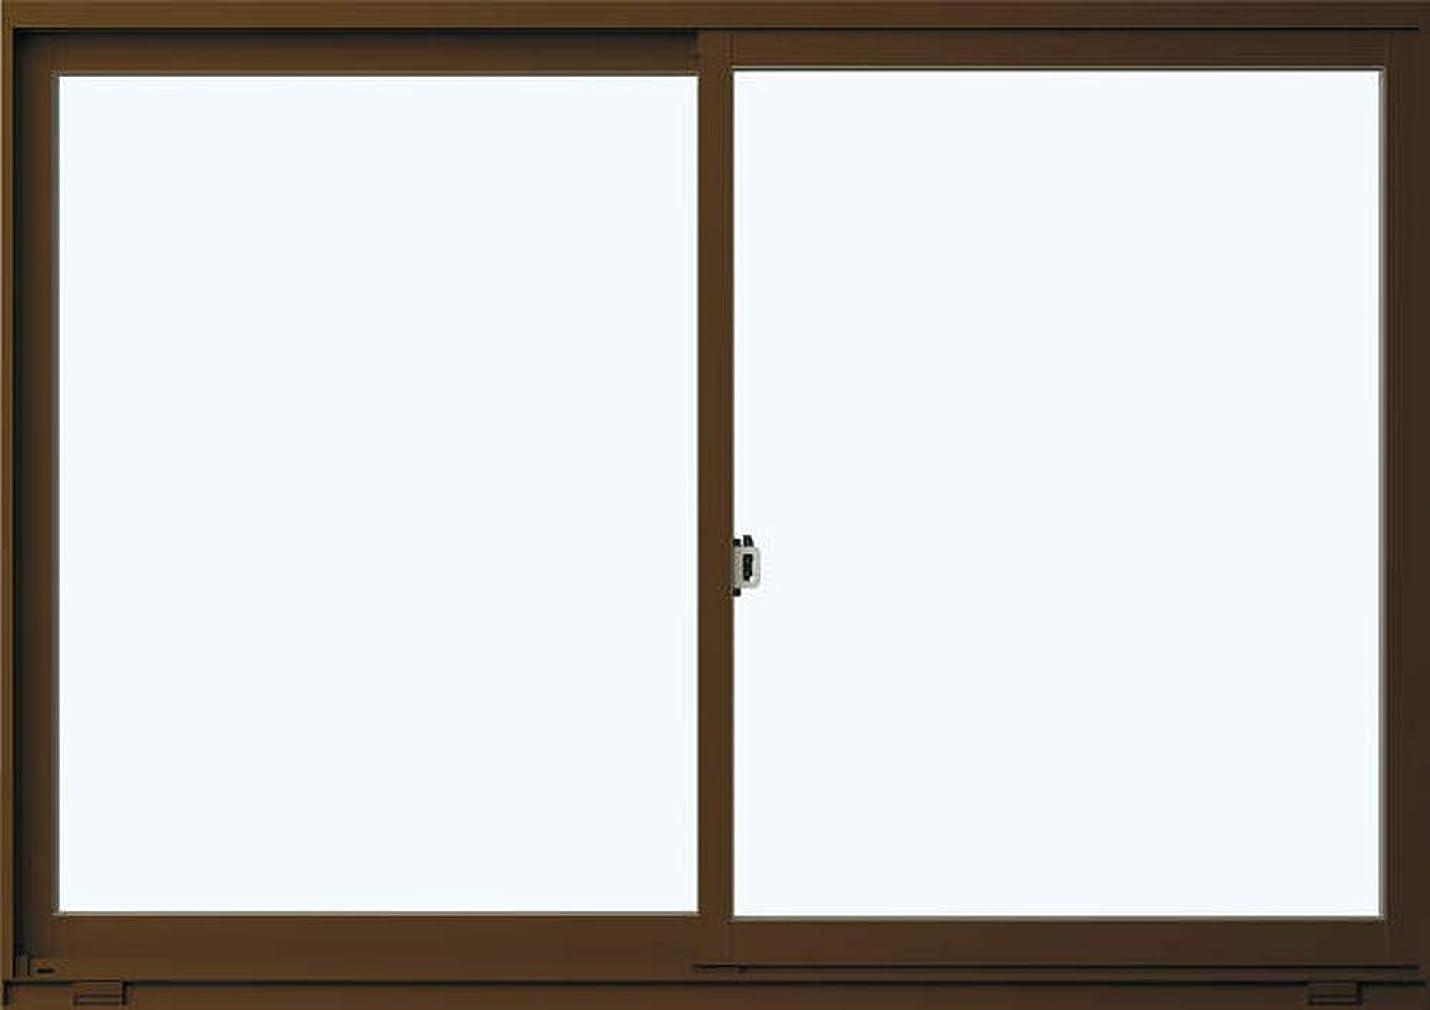 サスティーン繊維ポジティブ返品?キャンセル不可品 メーカー受注生産品 アルミサッシ YKKap 住居向け サッシ 樹脂アングル 「フレミングJ」 引違い窓 半外付型 在来工法 W 780mm×H970mm 07409 窓 引き違い 半外付け 単板ガラス アングル付 シングルガラス